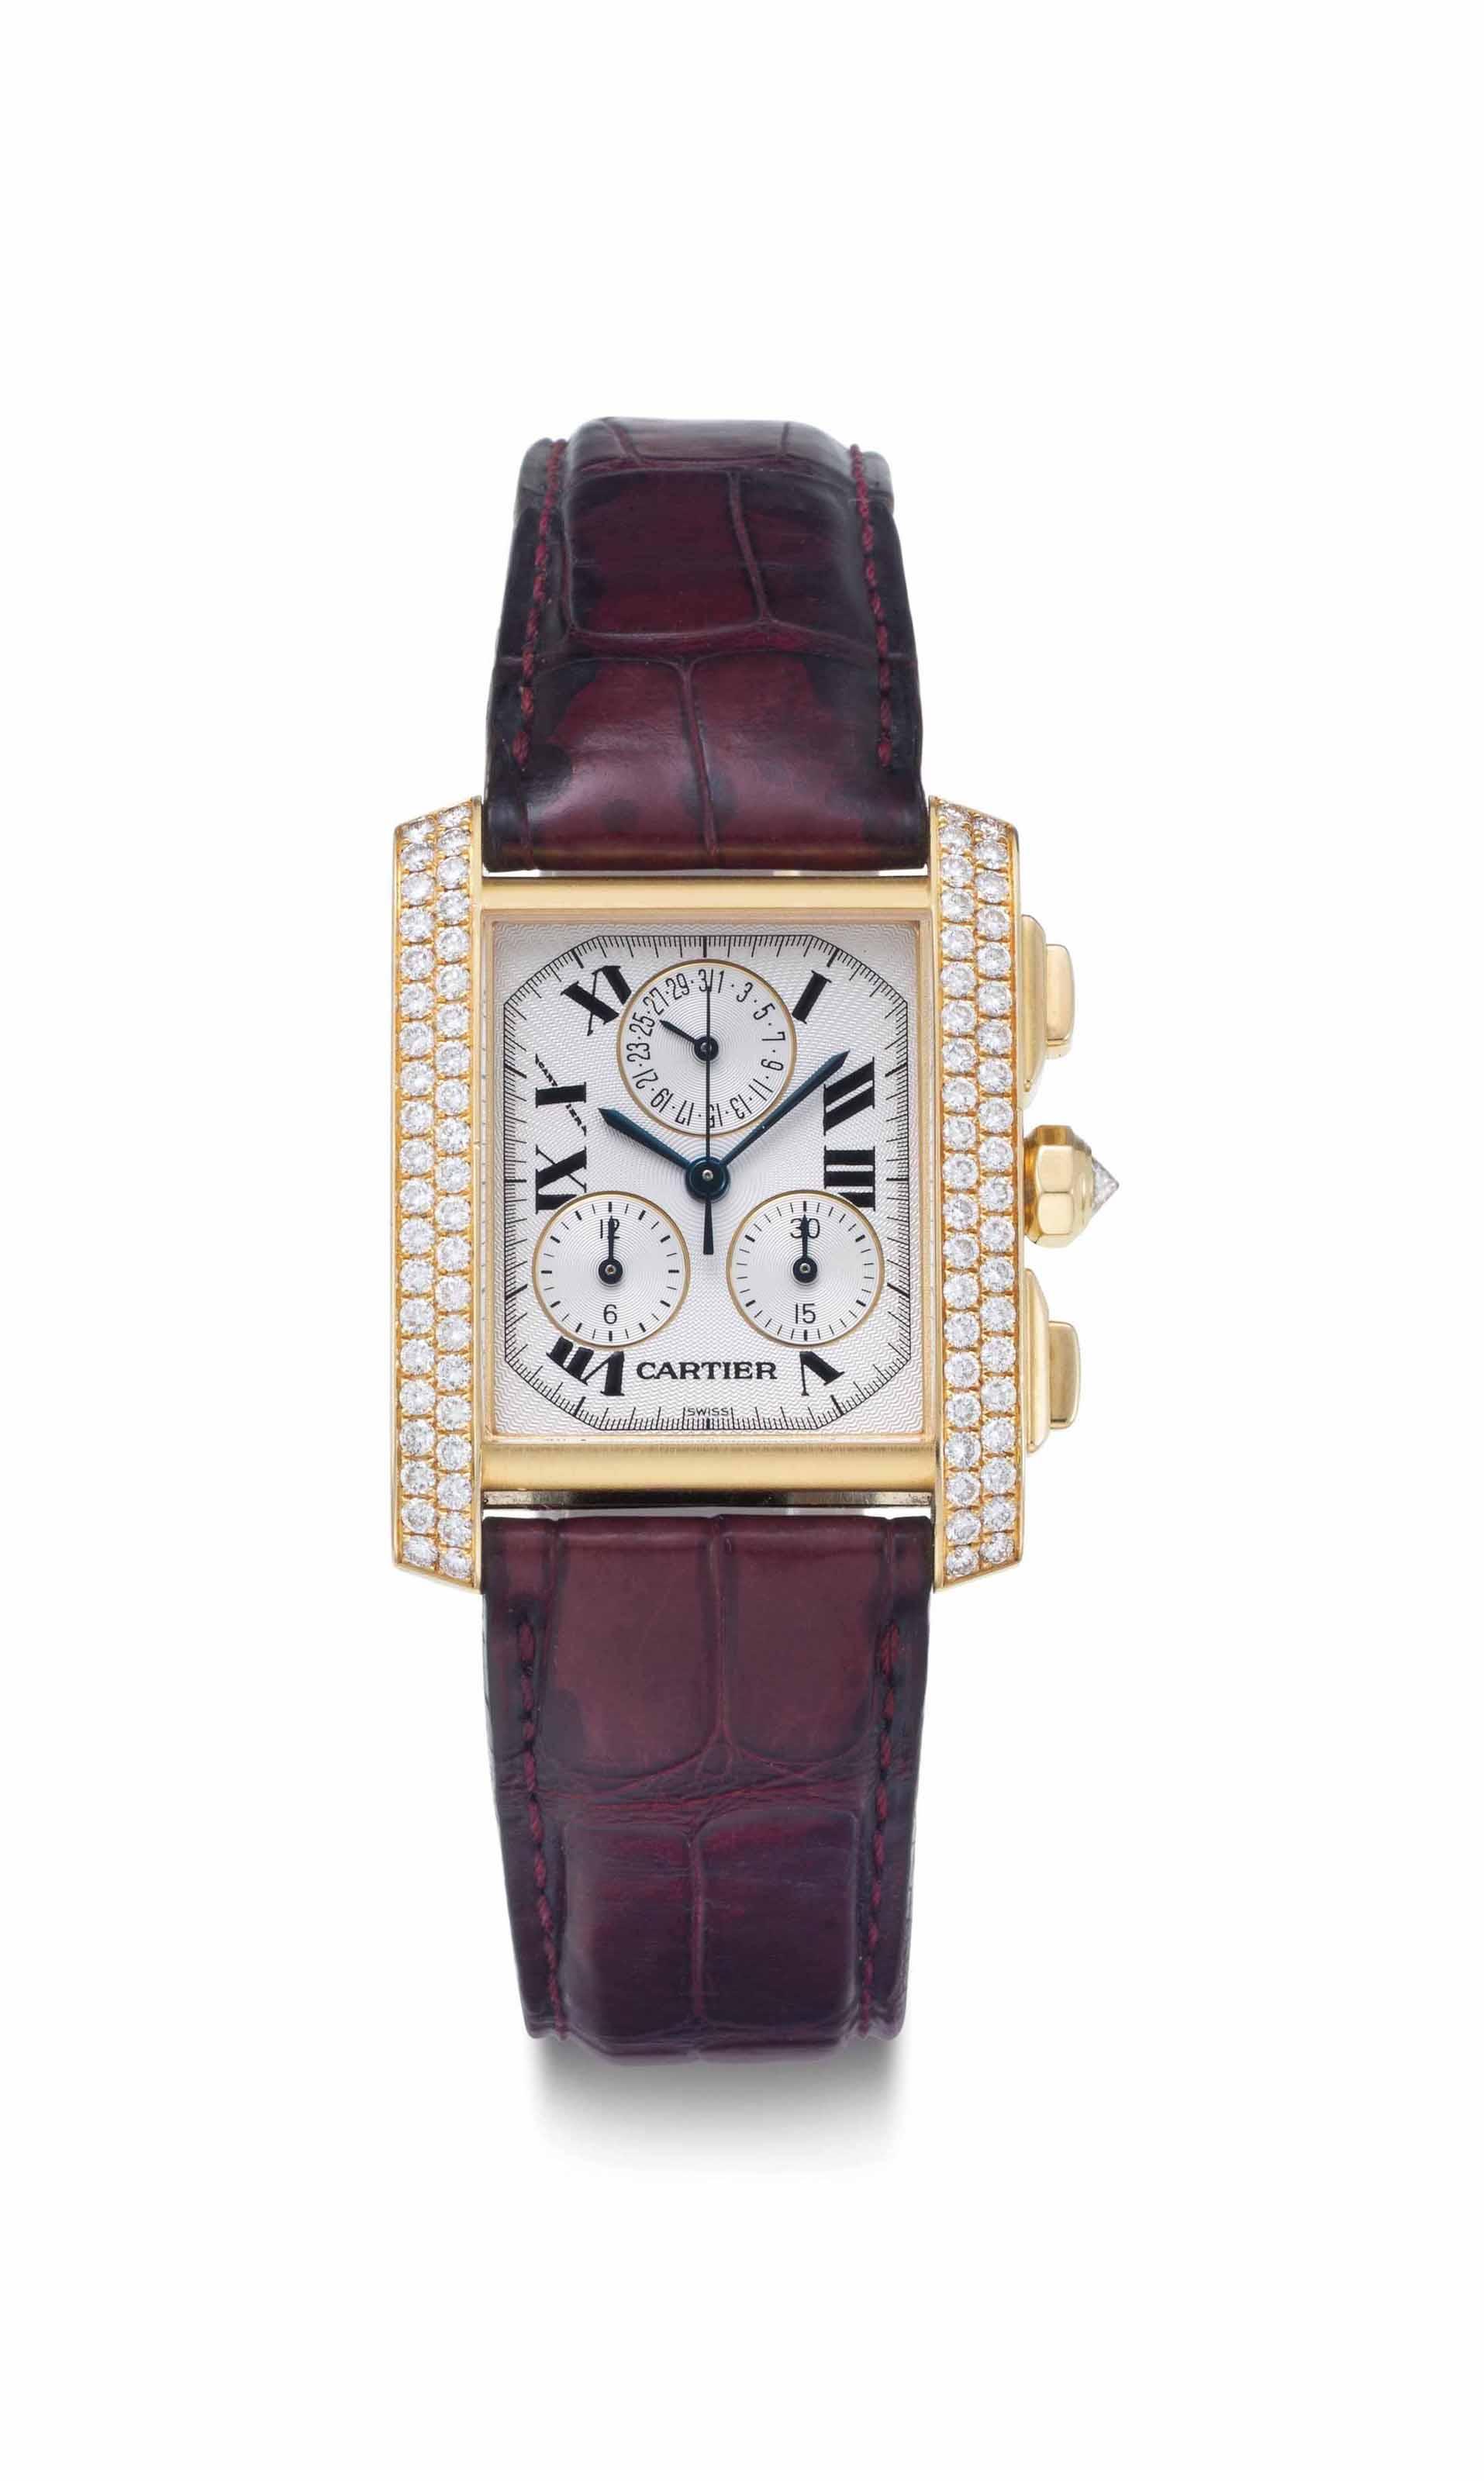 Cartier. An 18k Gold and Diamo